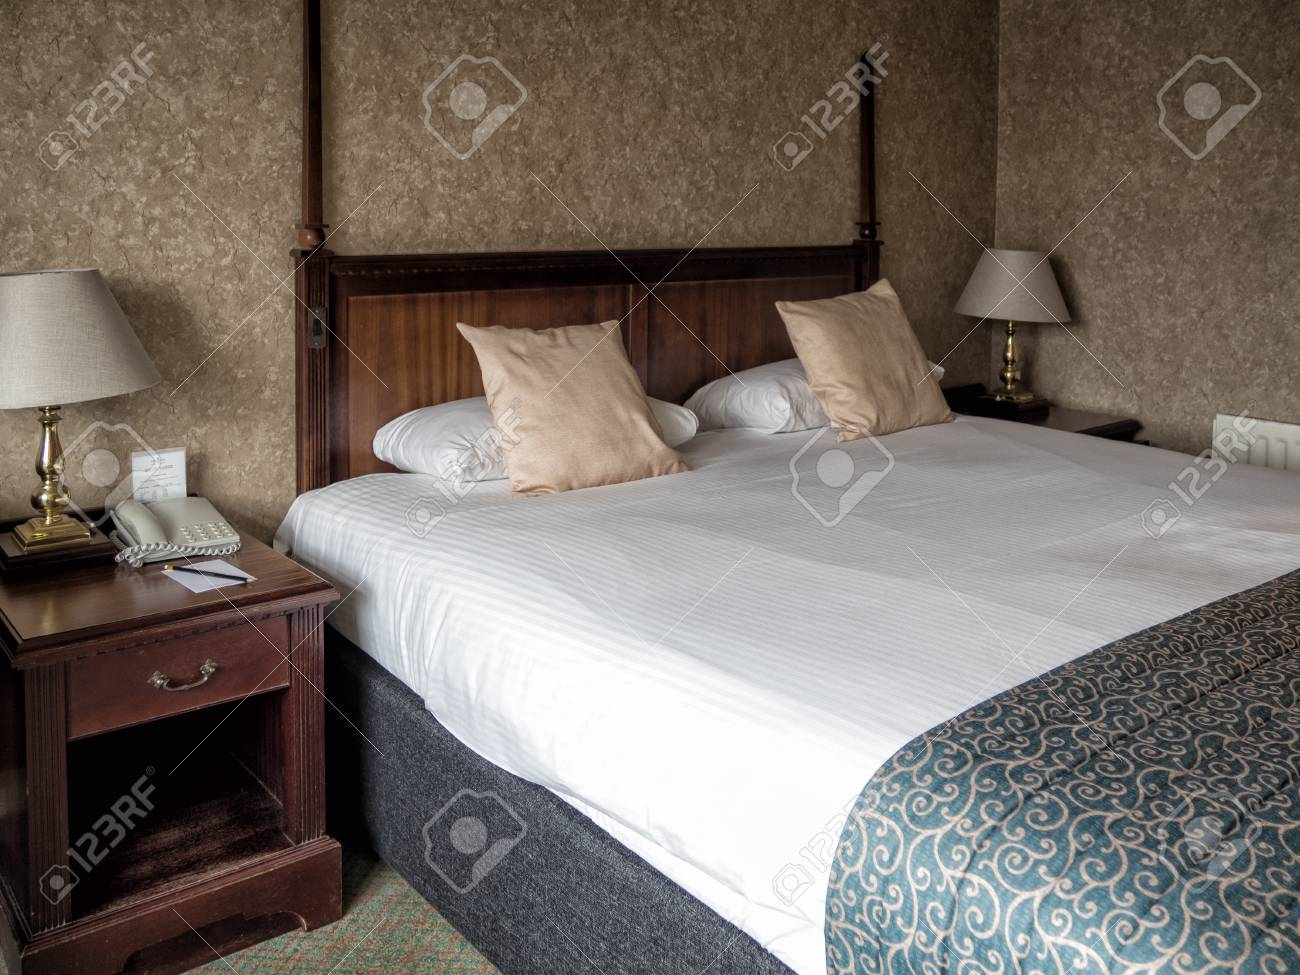 Desgastado Y Descolorido Tradicional Inglés Cuarto De Hotel Fotos ...